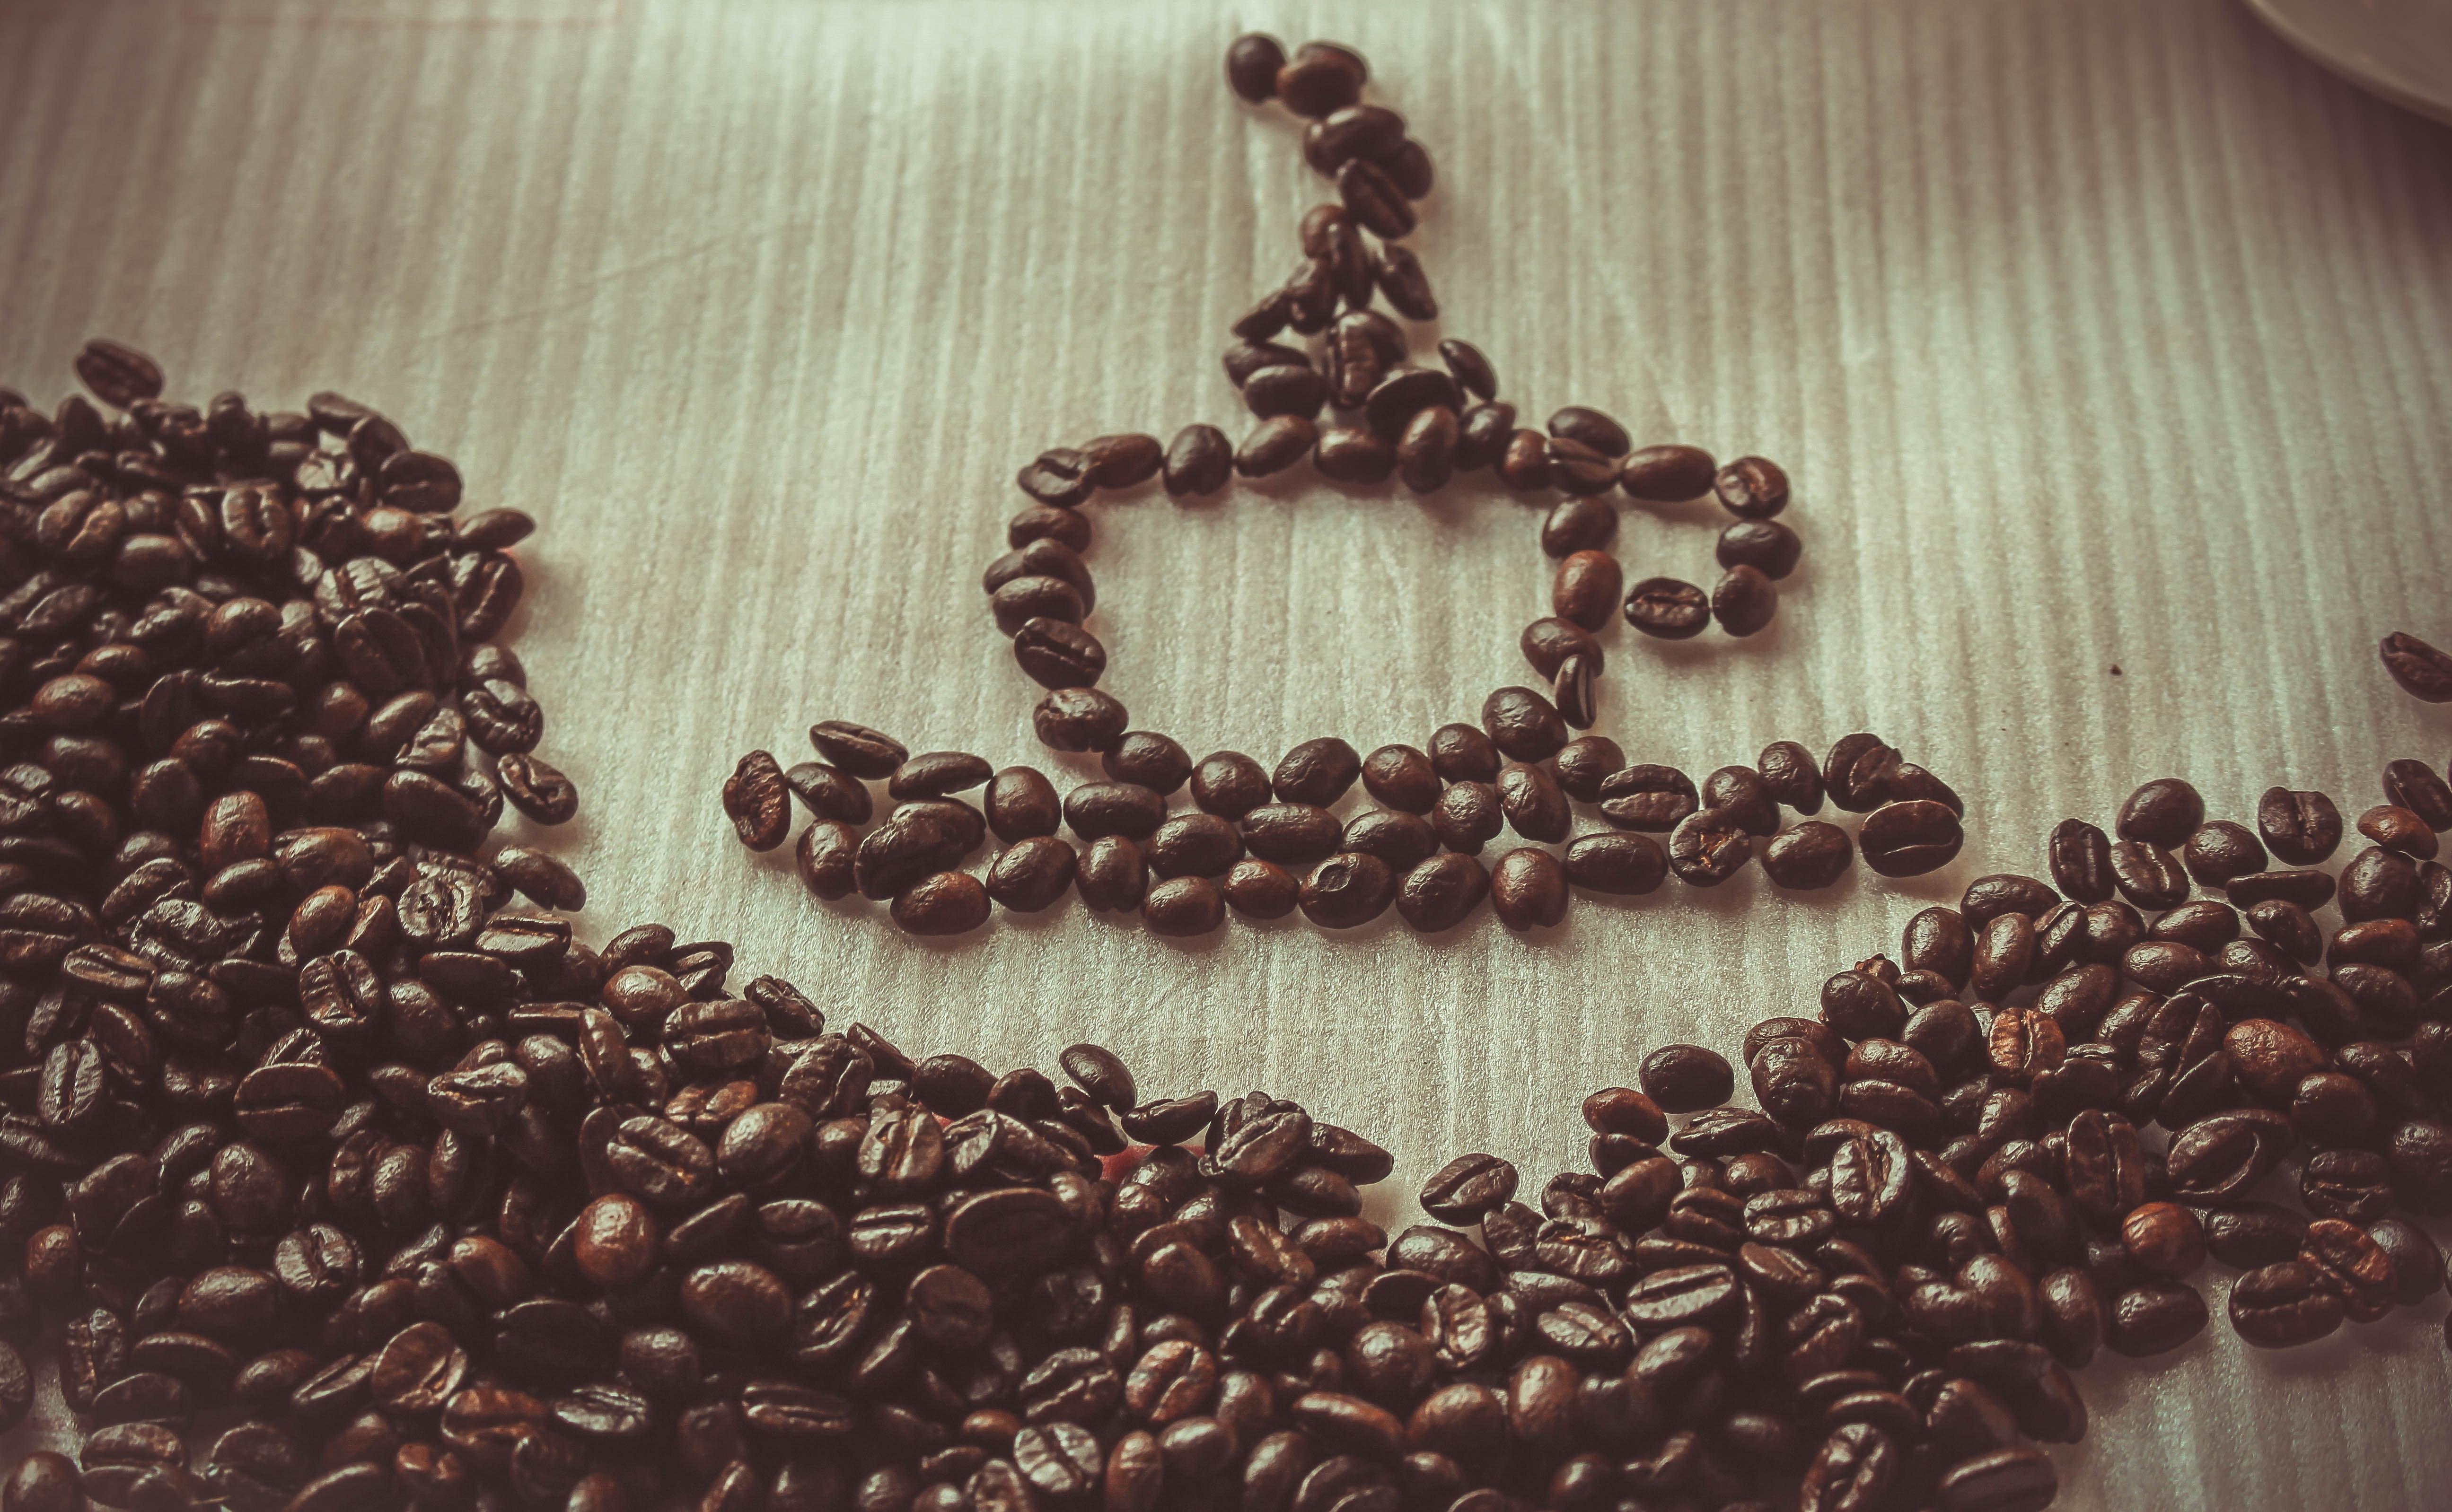 القهوة اليونانية